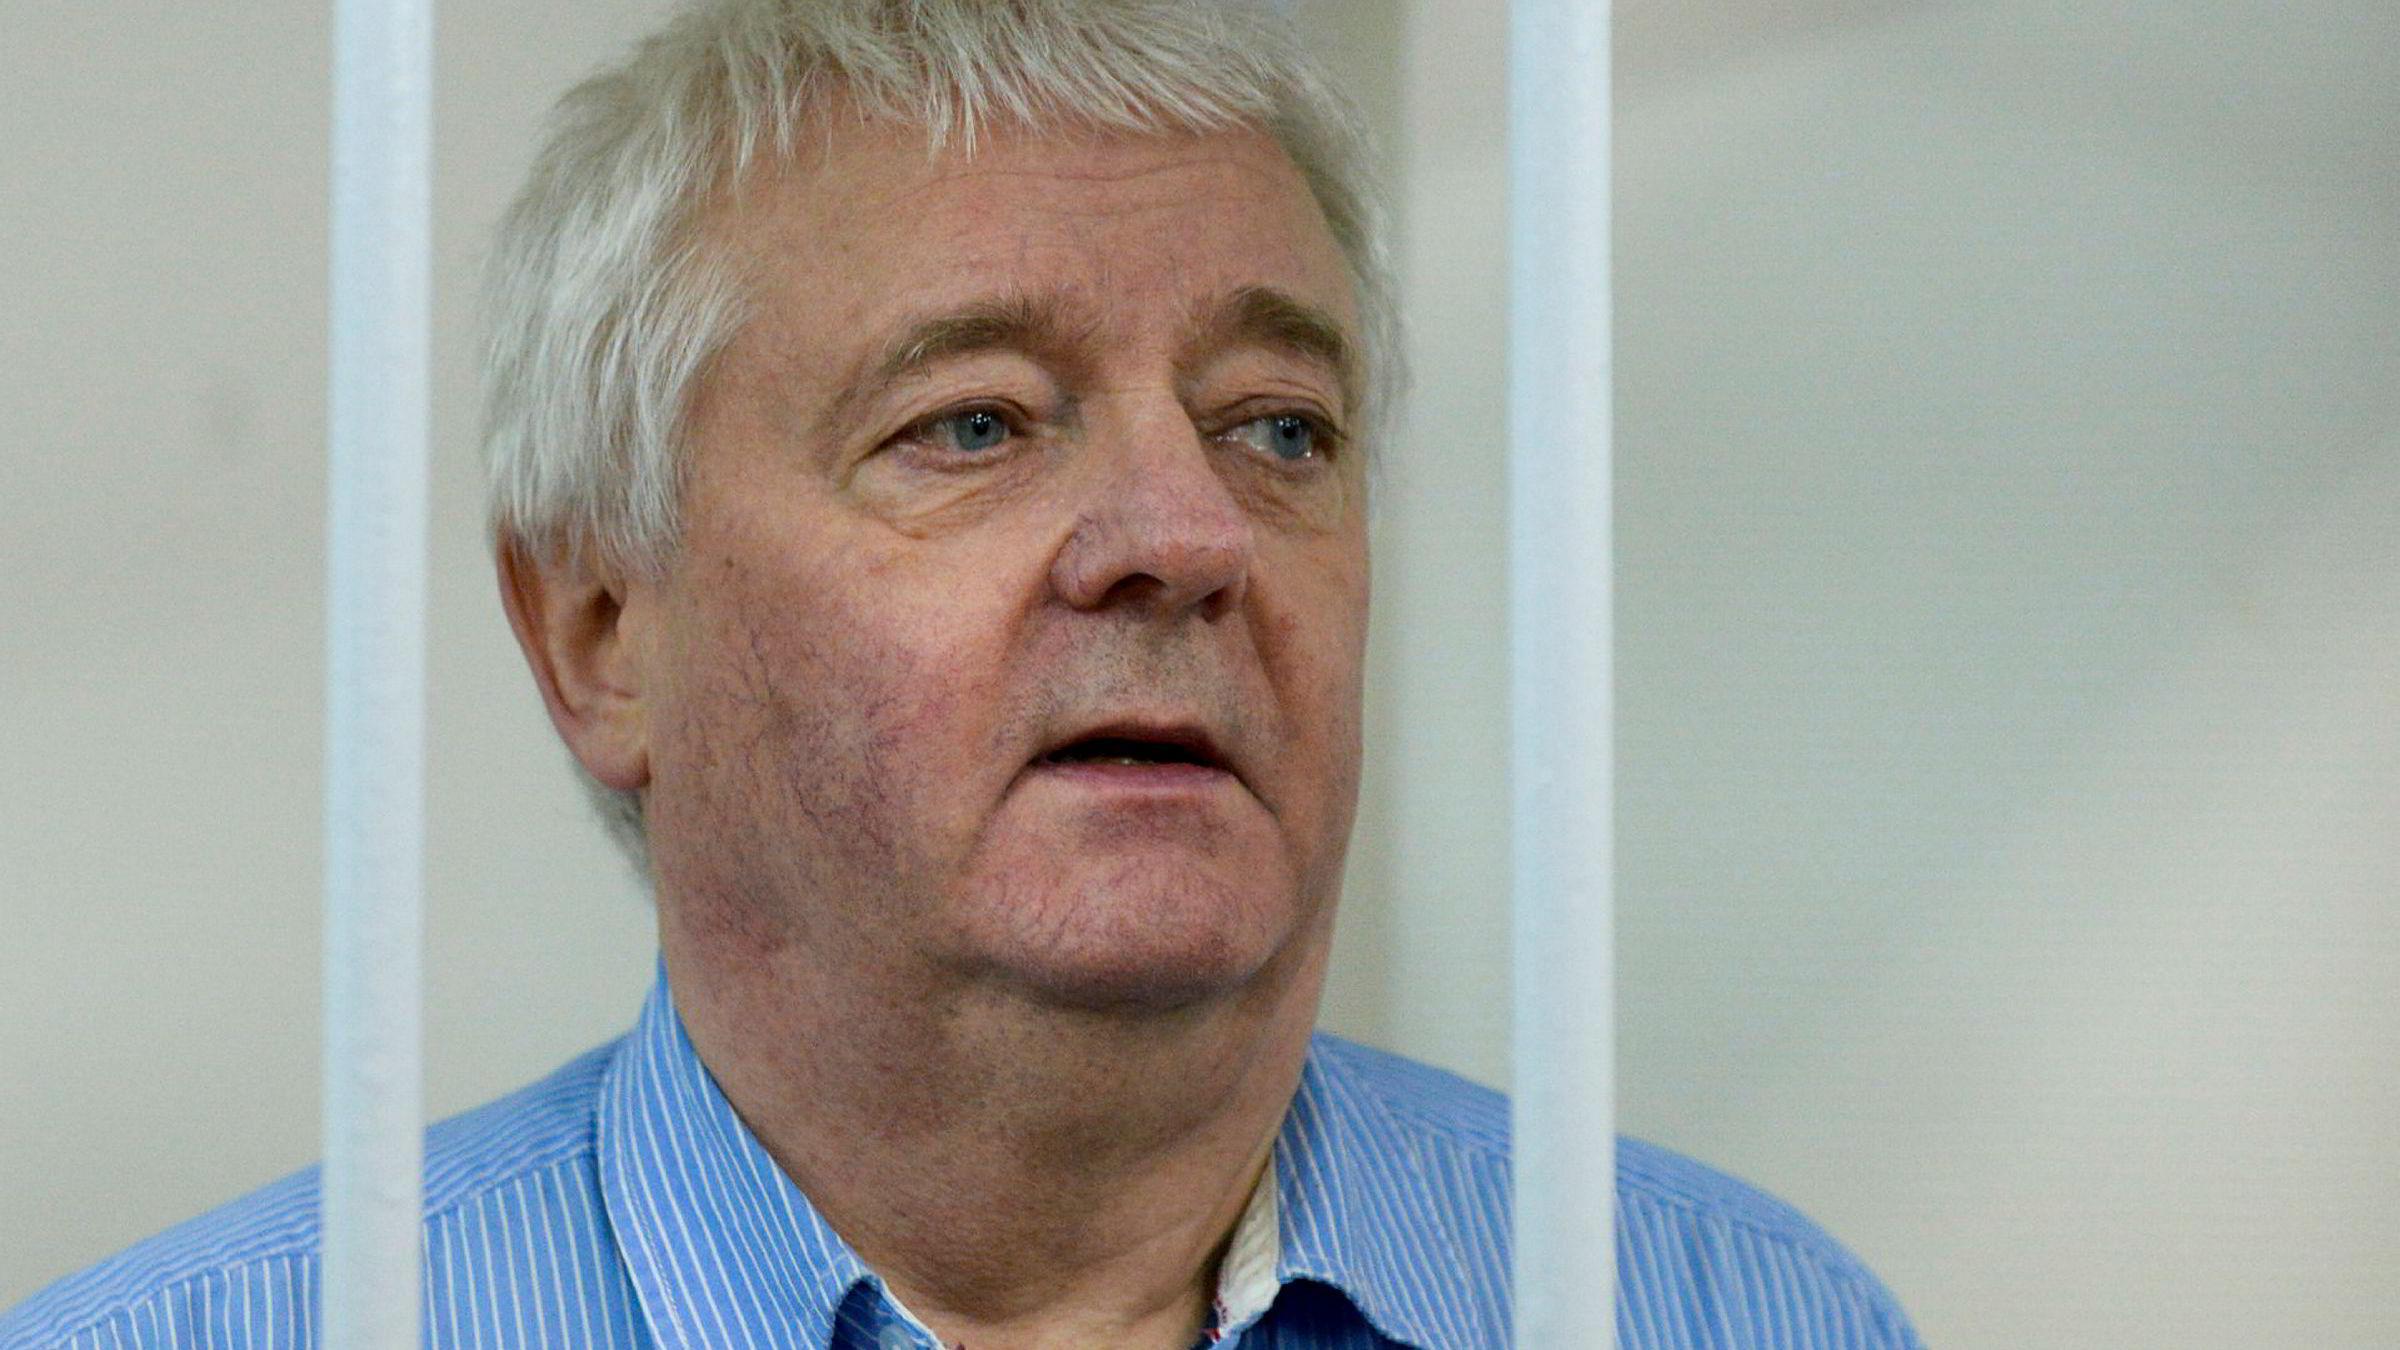 Frode Berg sitter fengslet i Russland mistenkt for spionasje.